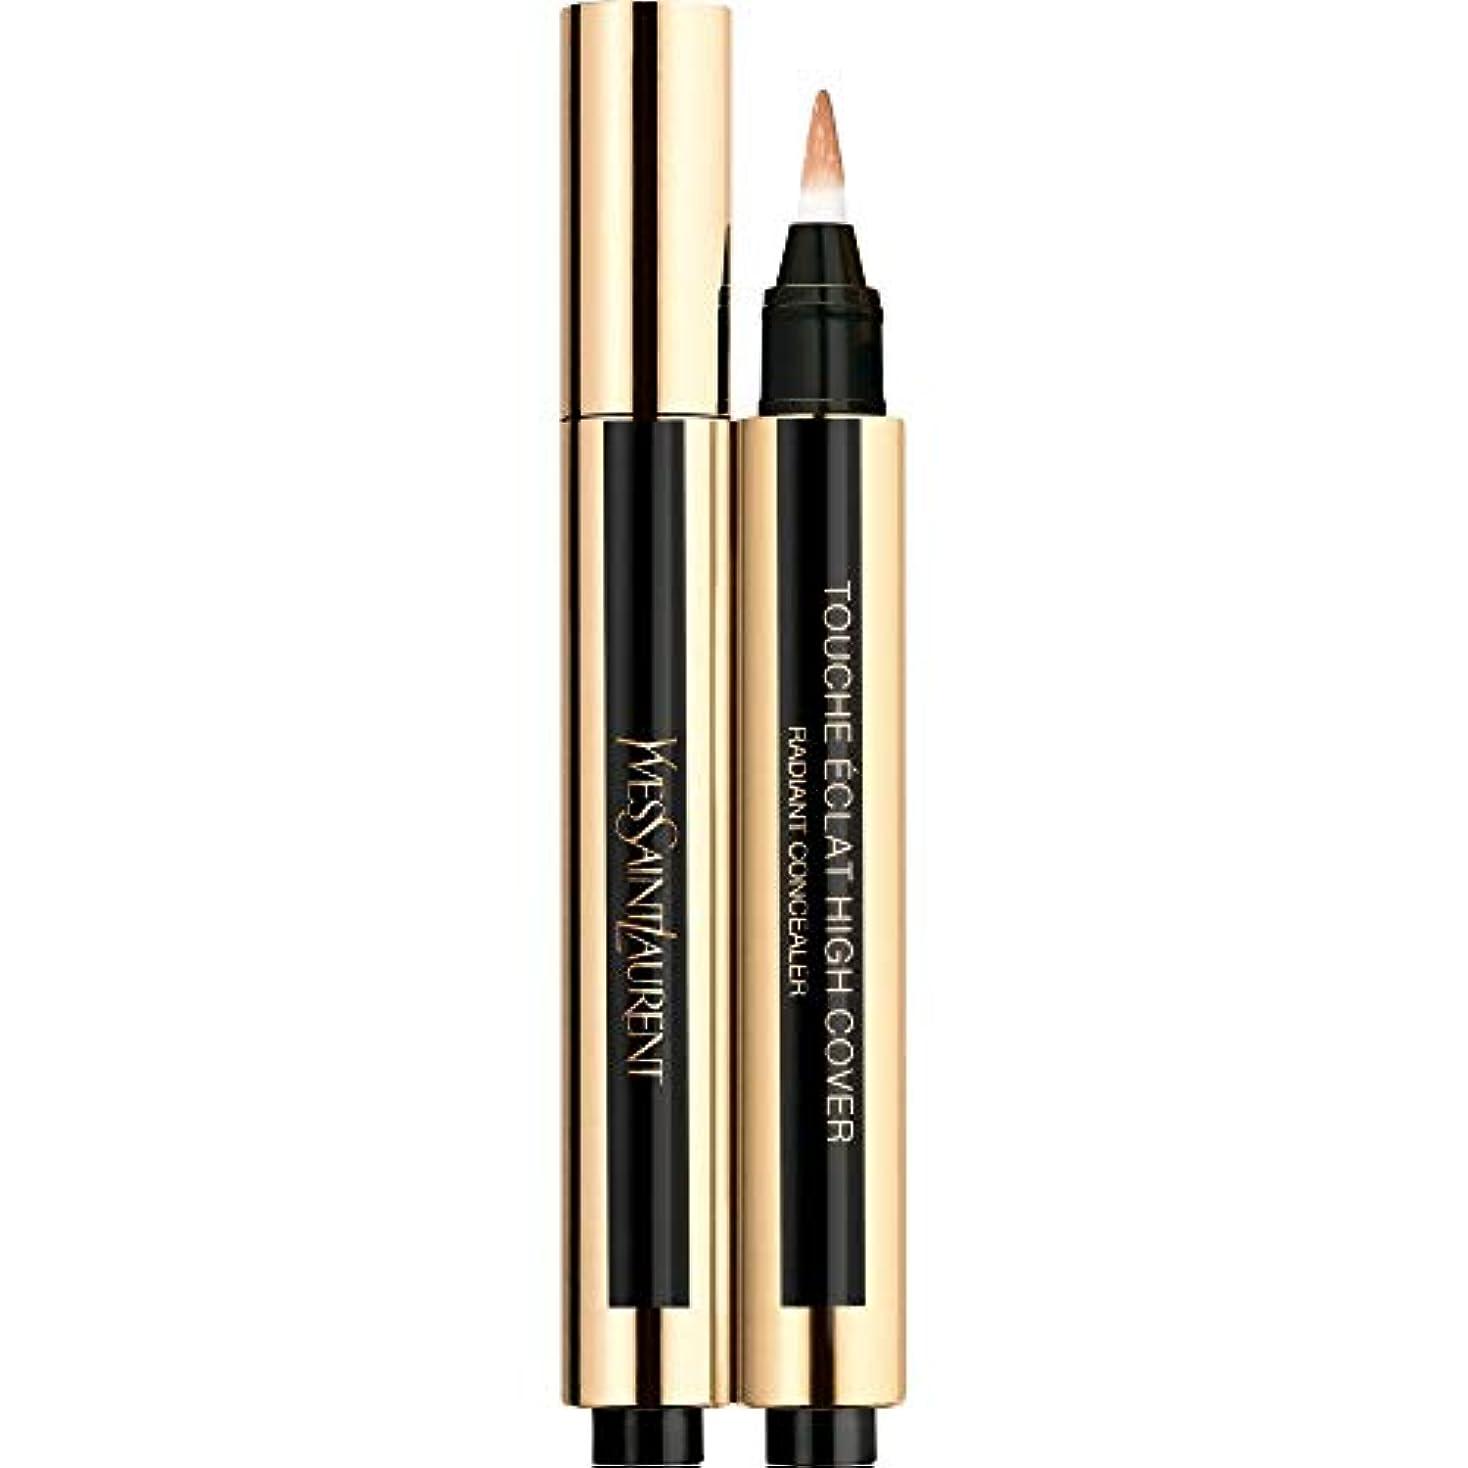 沿ってカフェテリアバン[Yves Saint Laurent] 2.5 2.5ミリリットルイヴ・サンローランのトウシュエクラ高いカバー放射コンシーラーペン - 桃 - Yves Saint Laurent Touche Eclat High Cover Radiant Concealer Pen 2.5ml 2.5 - Peach [並行輸入品]